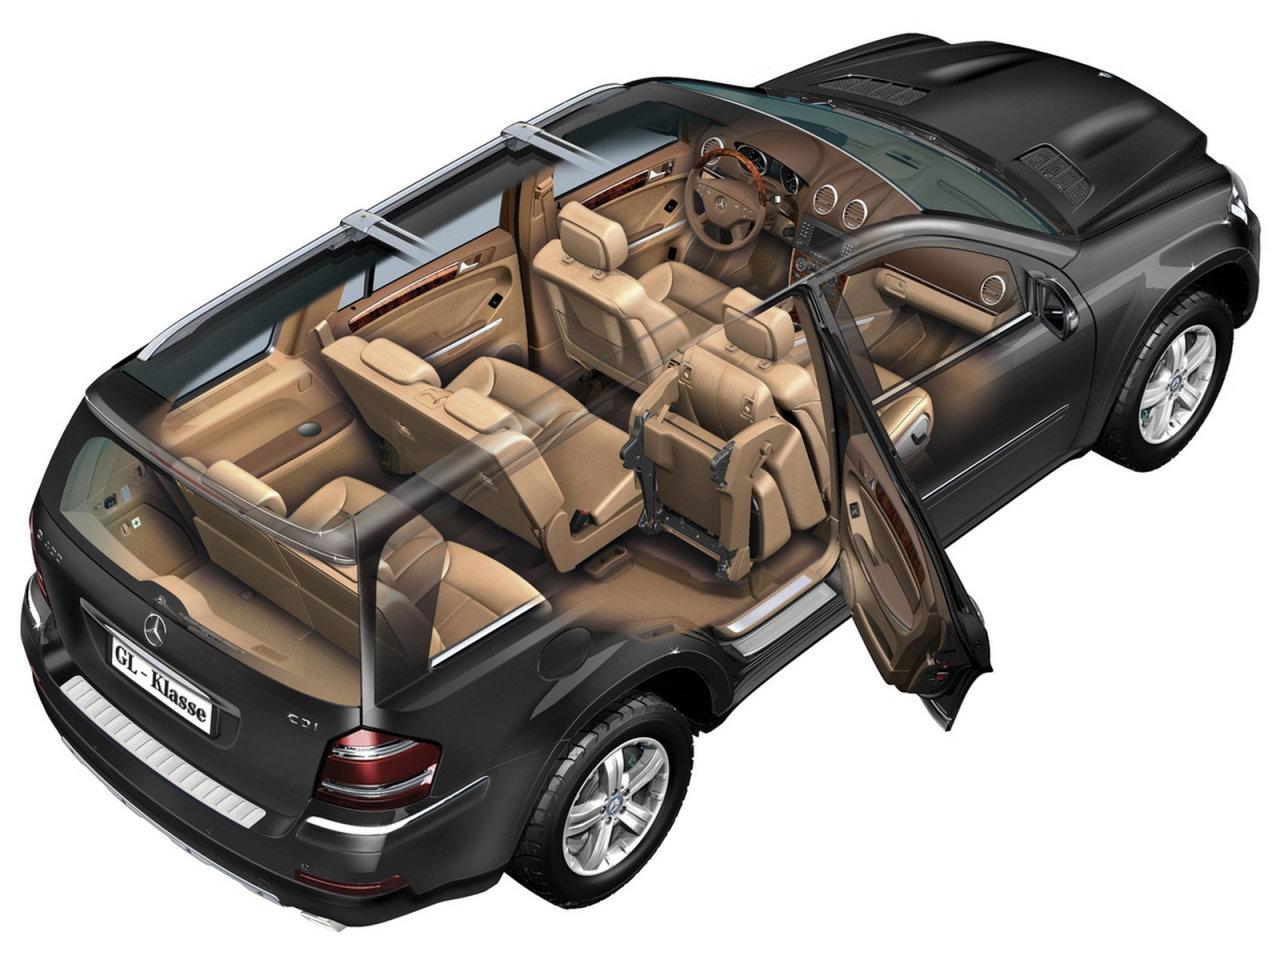 mercedes benz gl 500 2014 500 toyota highlander. Black Bedroom Furniture Sets. Home Design Ideas